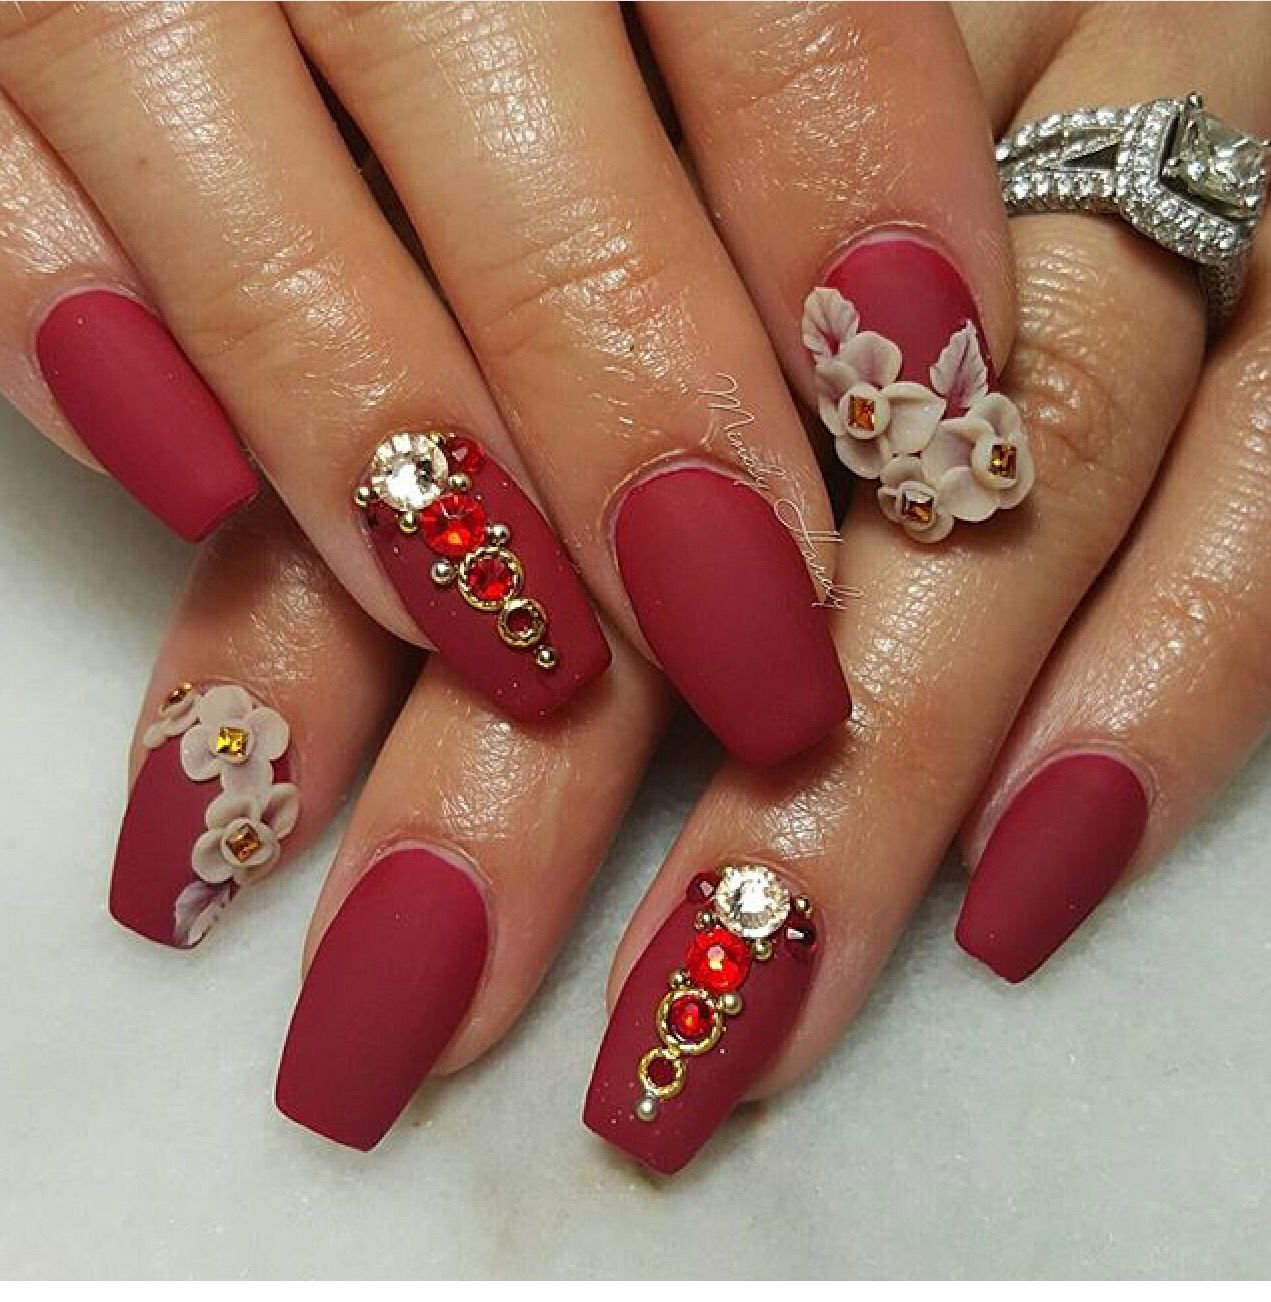 Rojo hechizante elegante y sobrio u as acr licas con for Aplicaciones decoradas